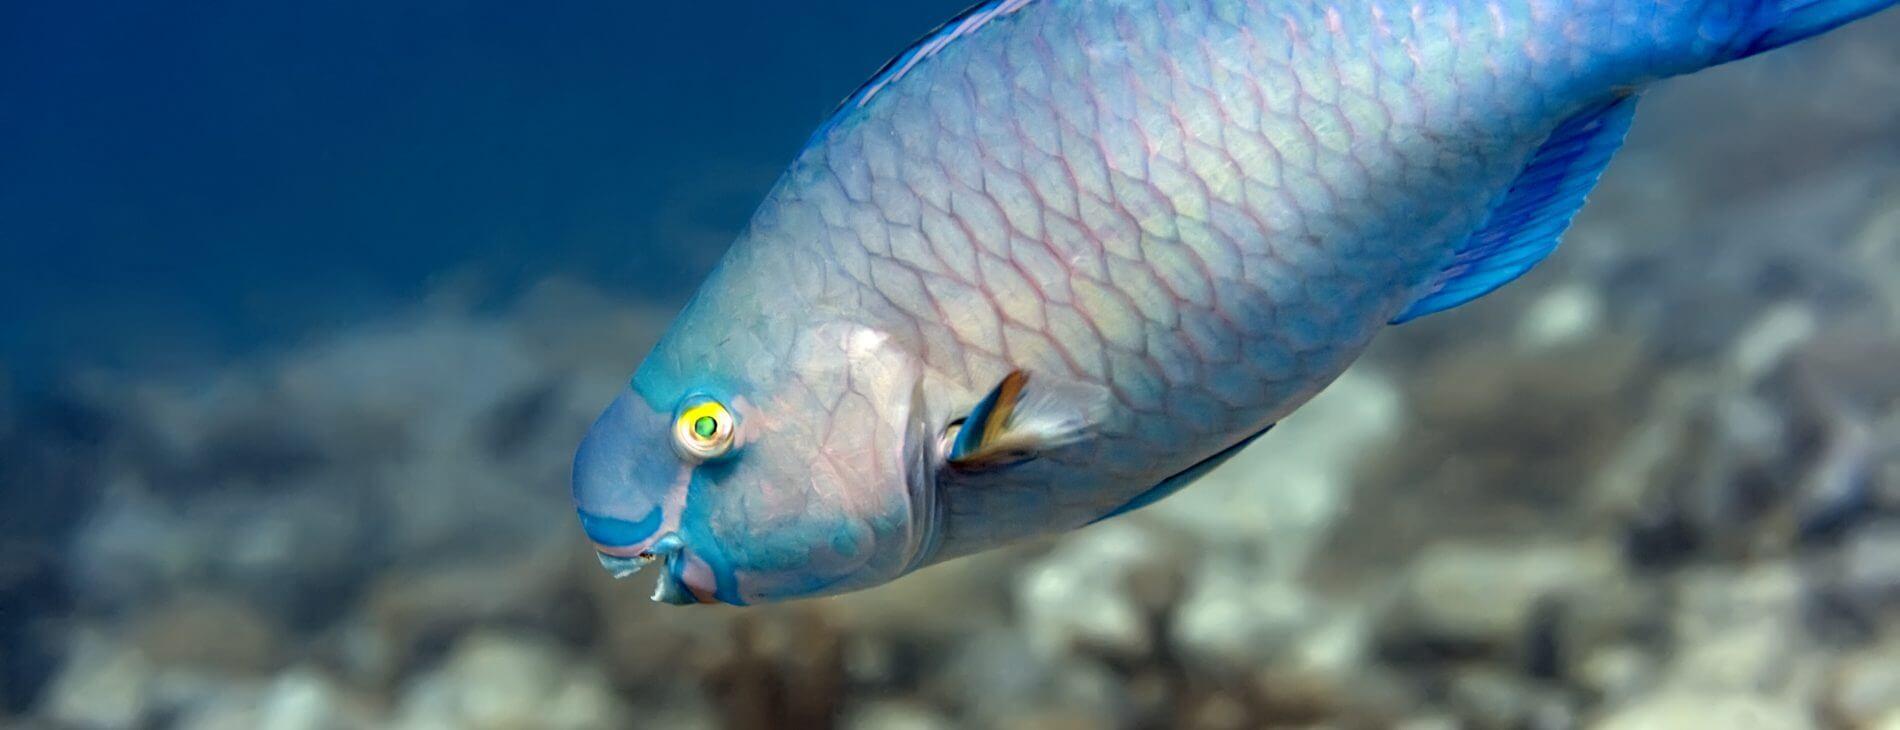 Mastroviaggiatore maldive crociera-deep sud-pappagallo